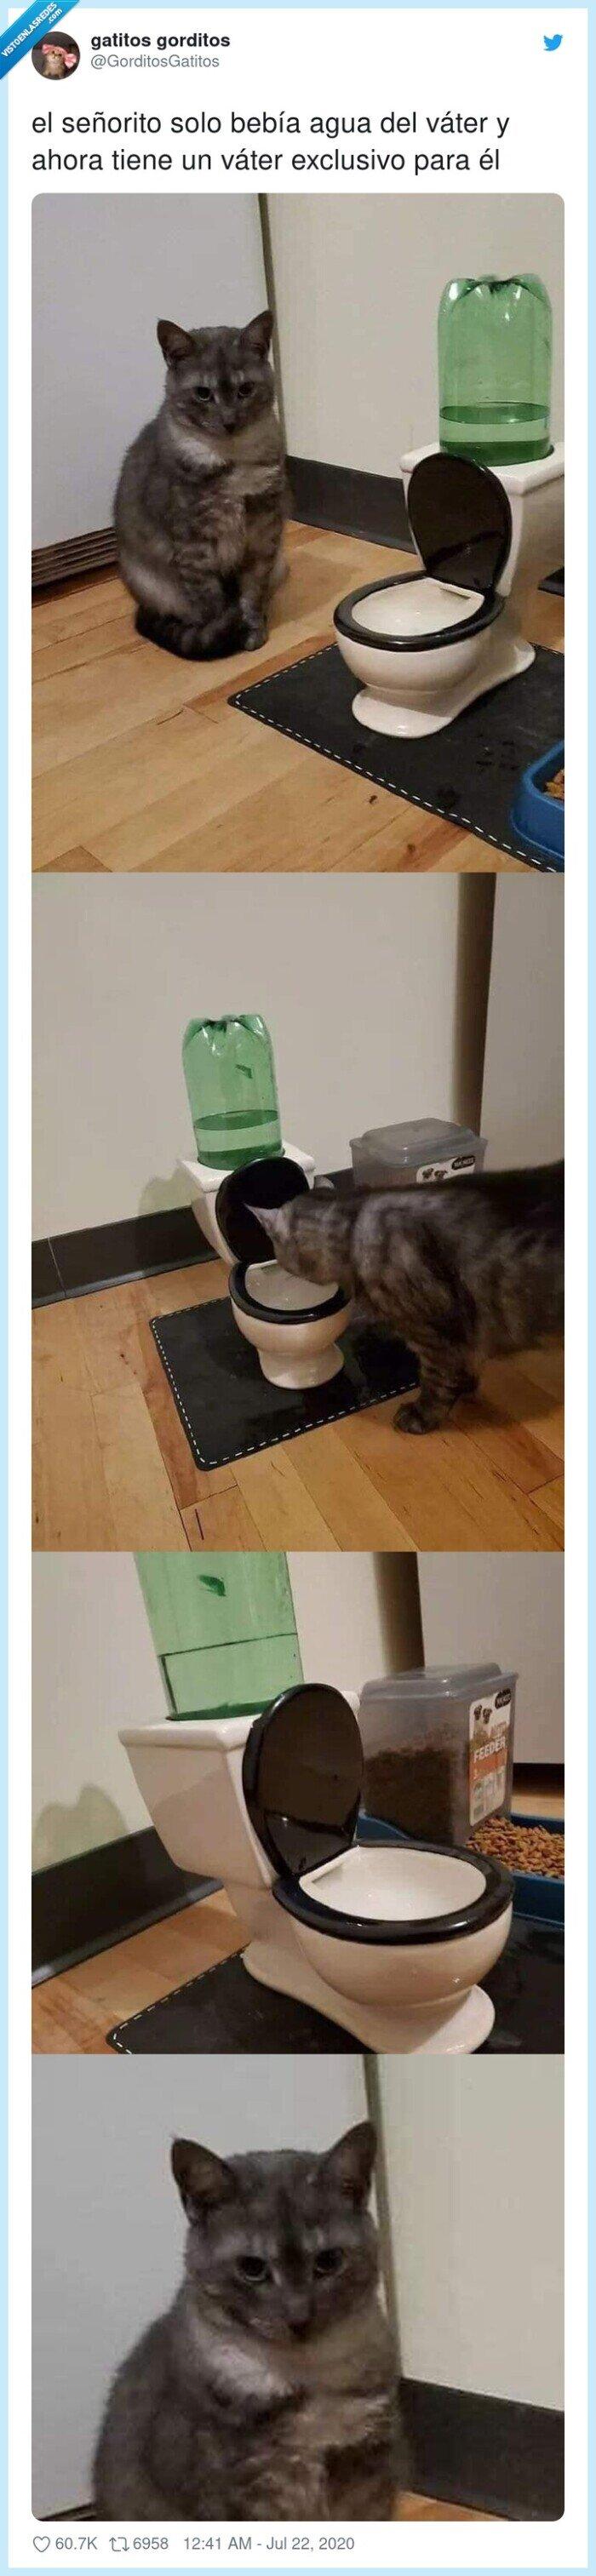 agua,gato,lavabo,necesidades,váter,wc